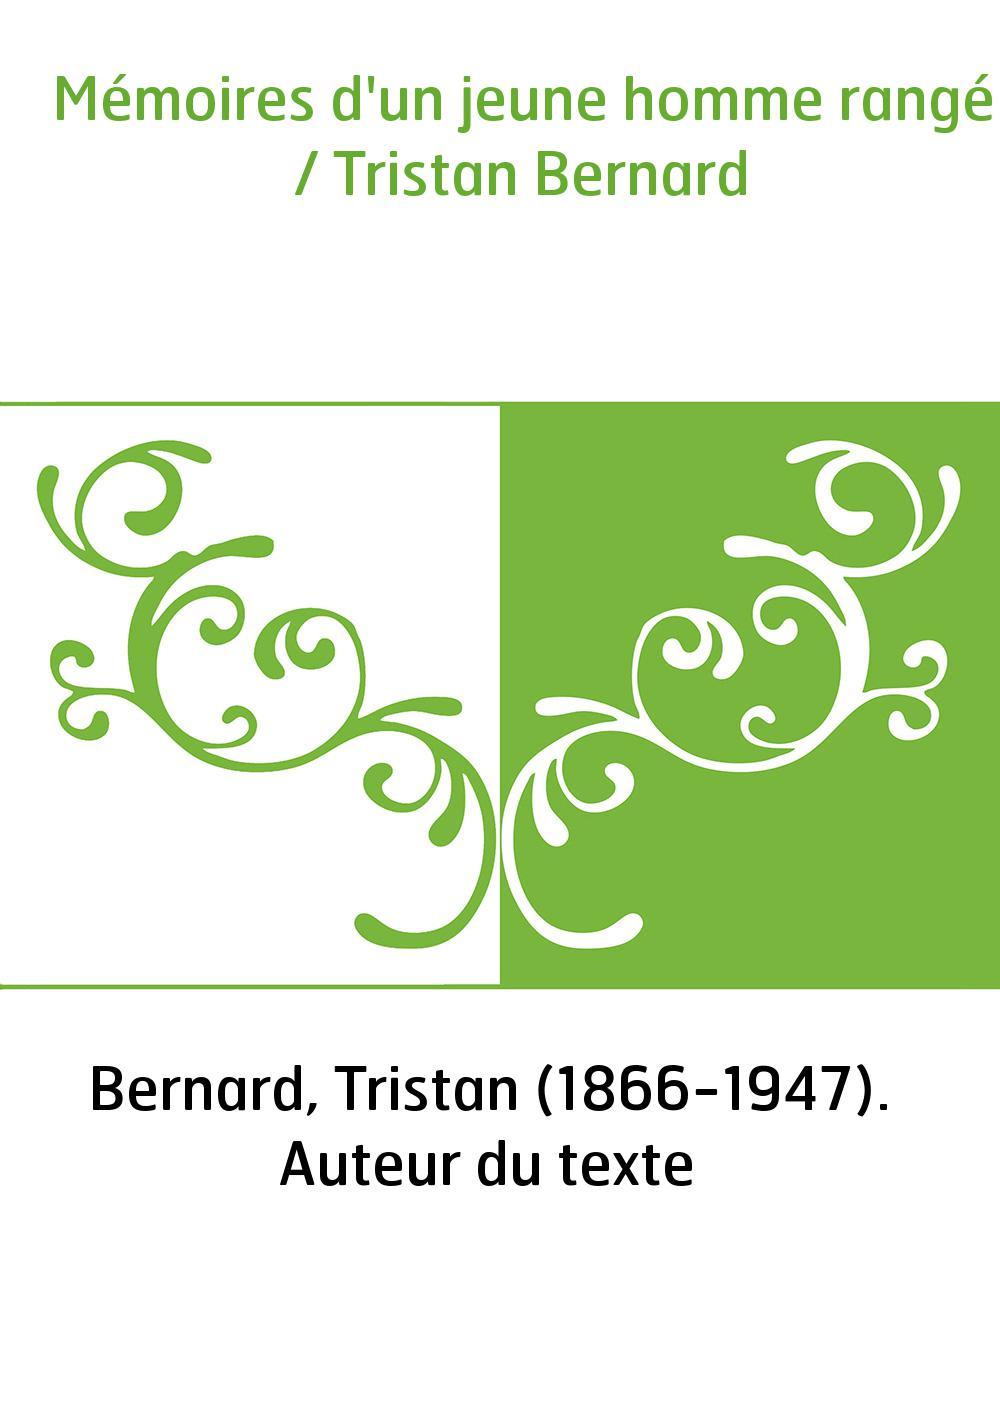 Mémoires d'un jeune homme rangé / Tristan Bernard